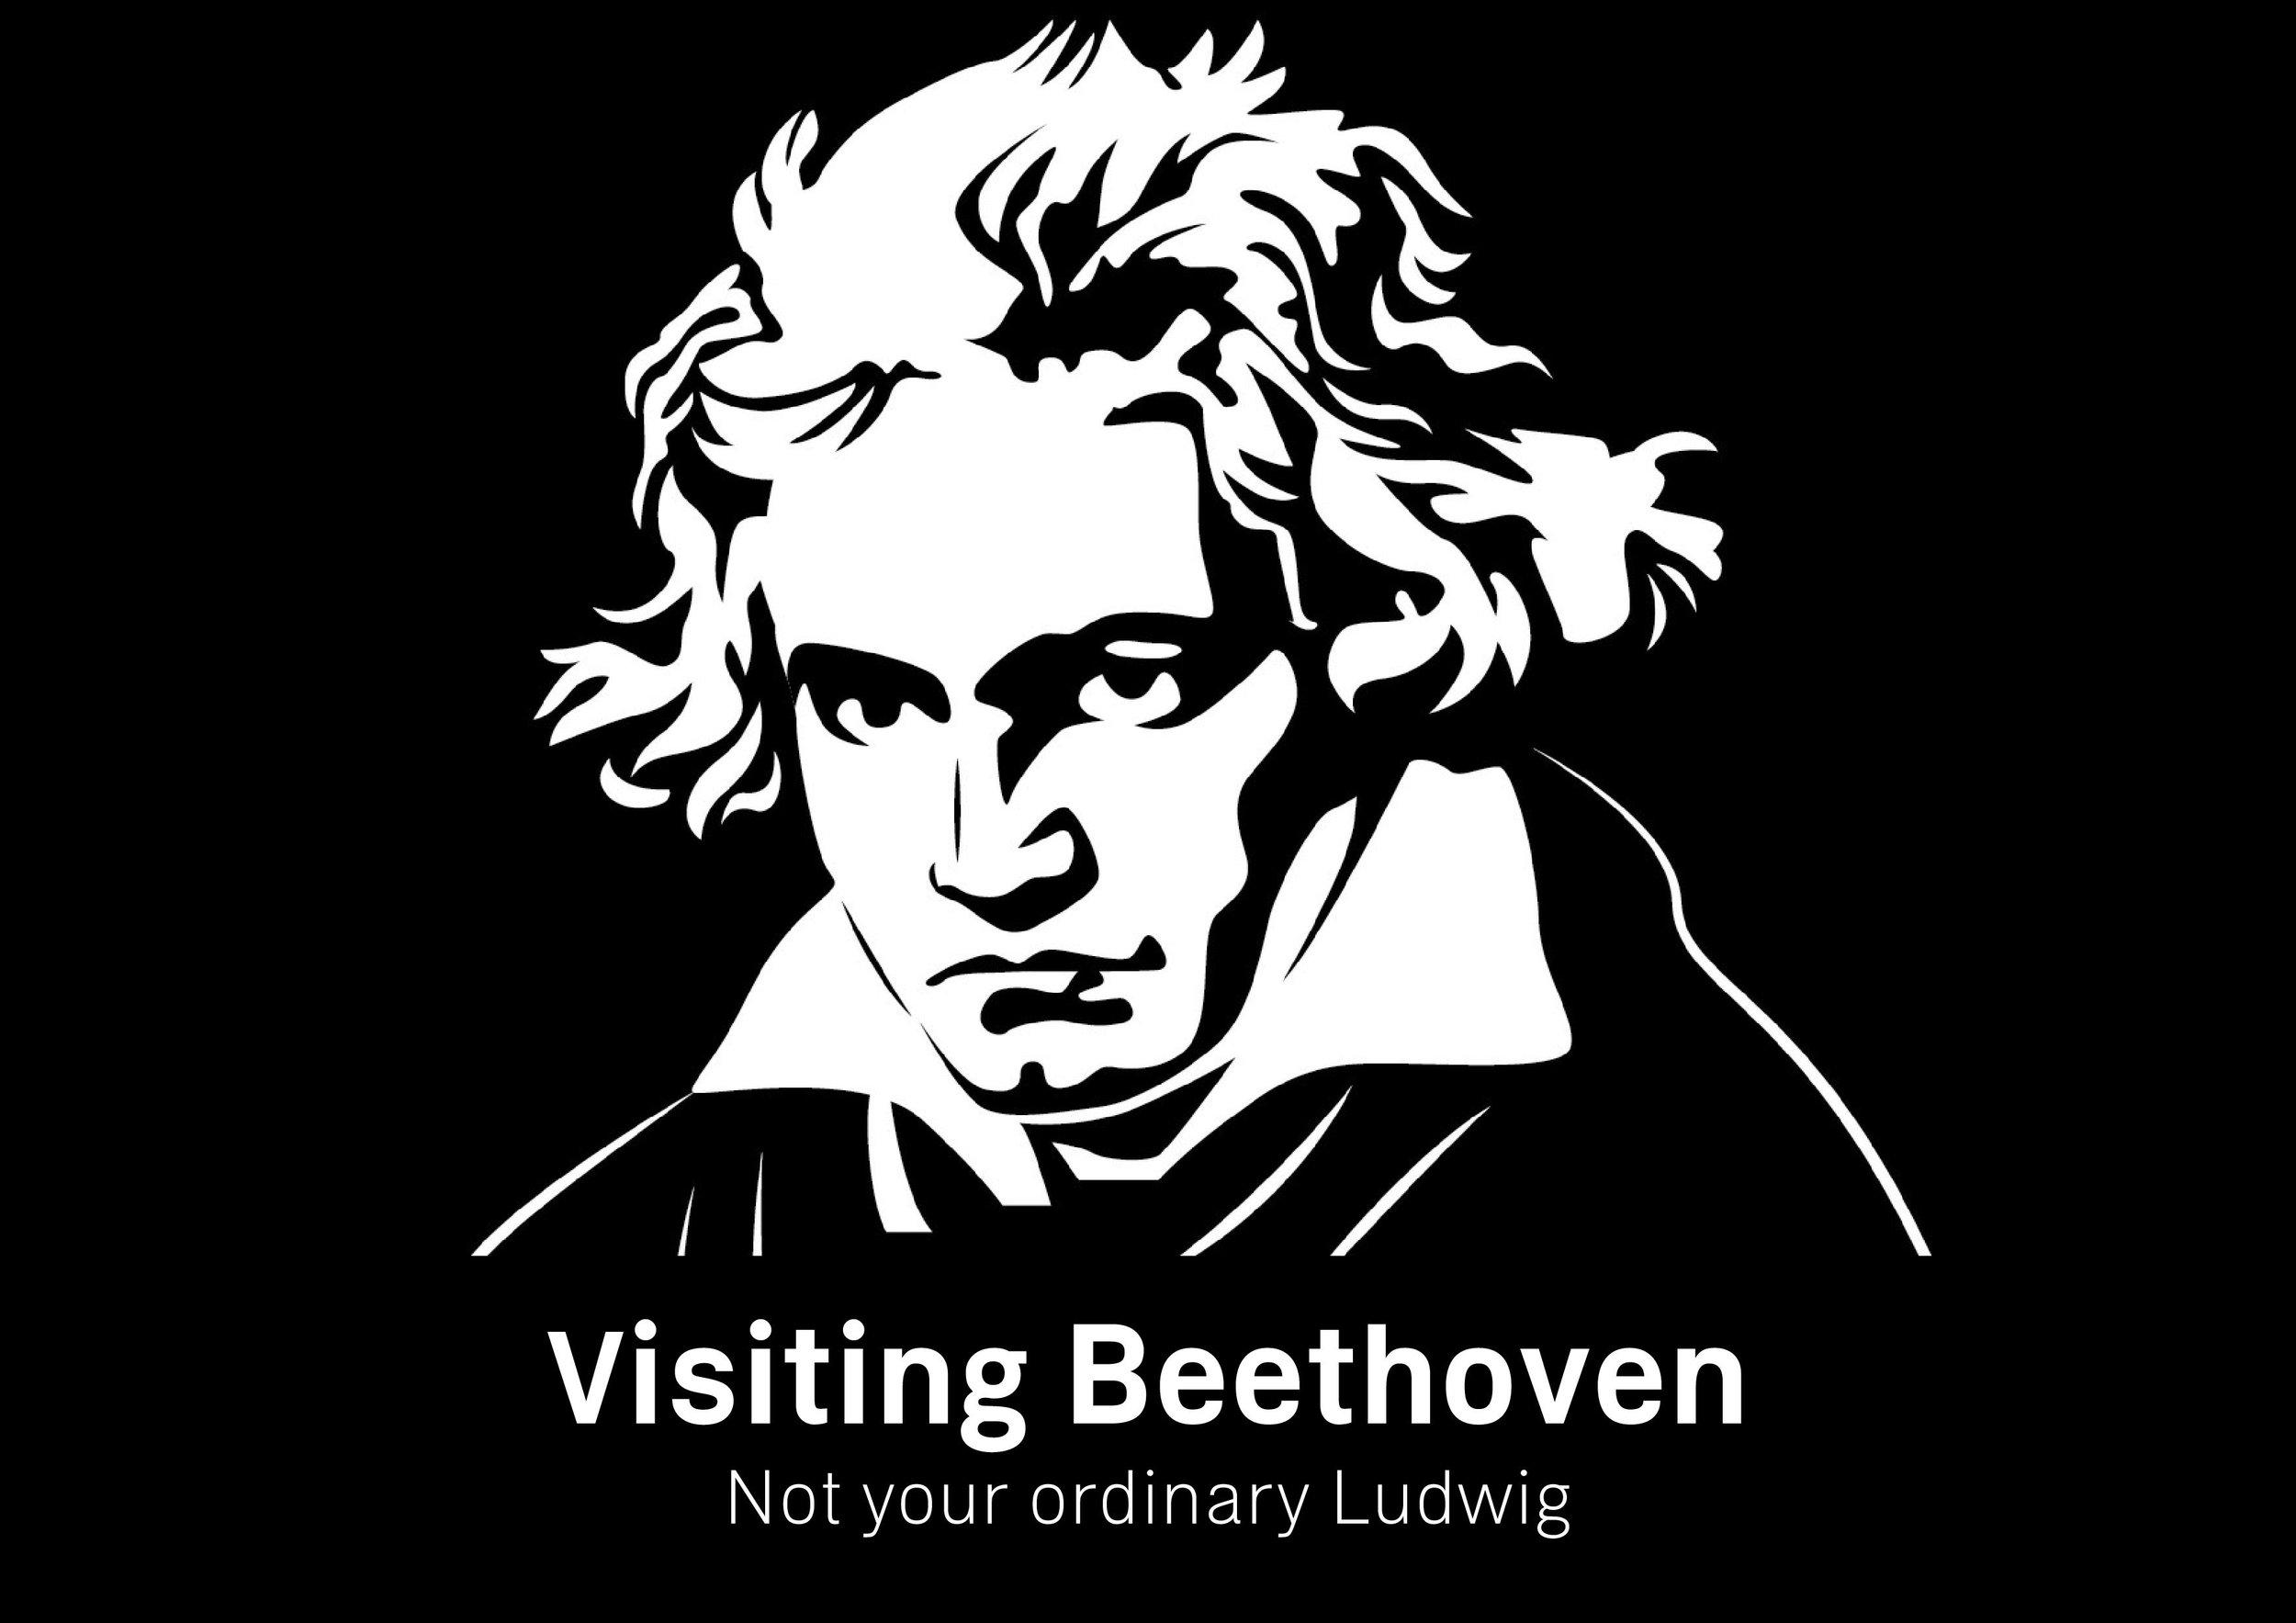 1. Visiting Beethoven - Vleeshouwers-page-001.jpg